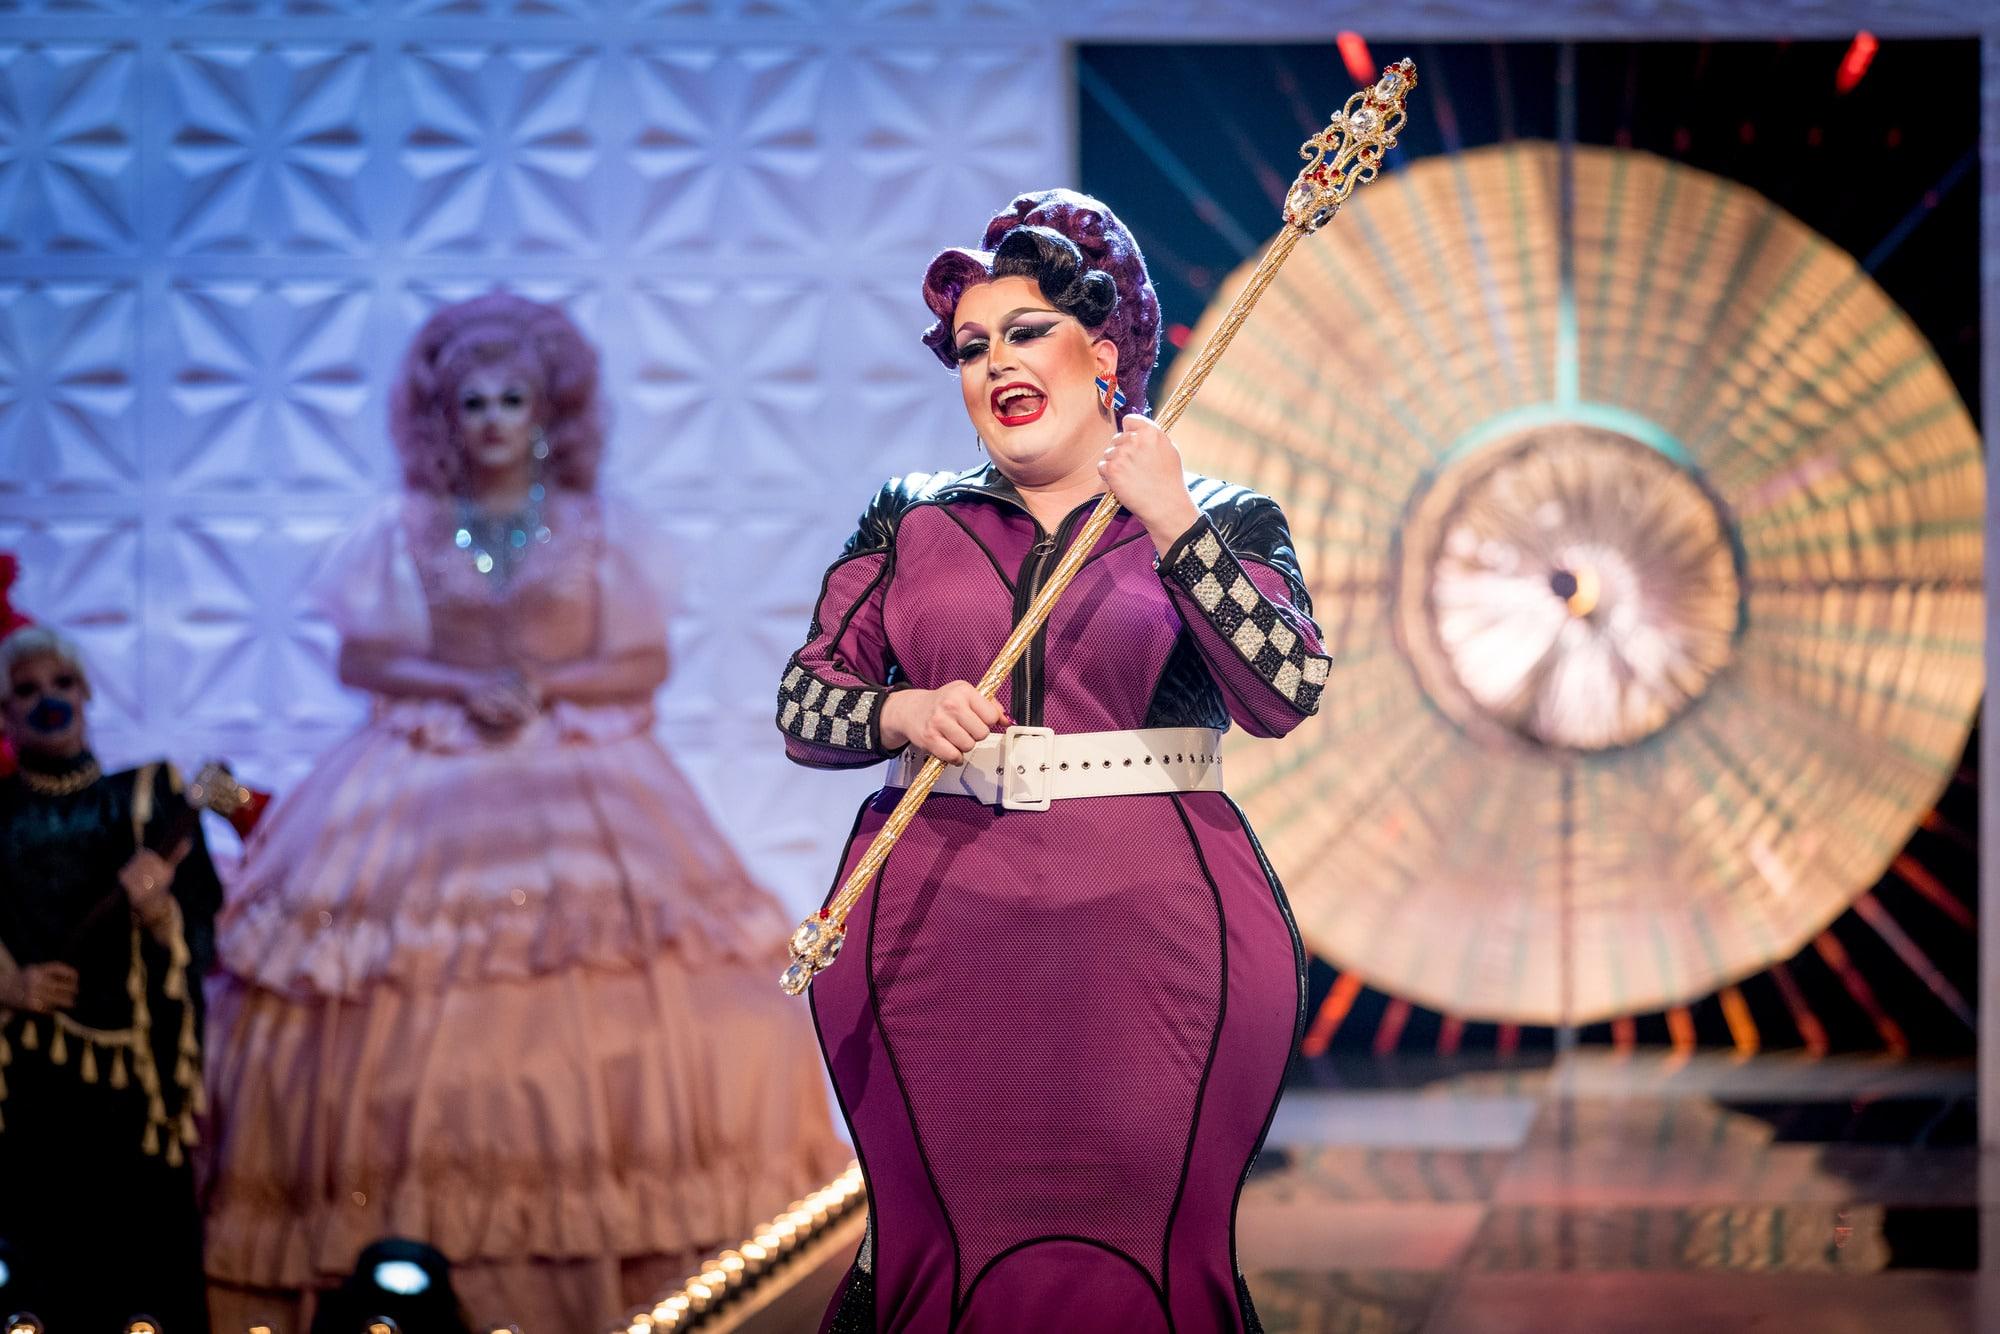 Cena de coroação da 2ª temporada de Drag Race UK. No centro da passarela, está Lawrence Chaney, sorrindo e empunhando seu cetro. Ela é uma drag queen escocesa, branca, gorda e que veste um vestido roxo. Seu cabelo é da mesma cor. Ao fundo, vemos vultos desfocados.